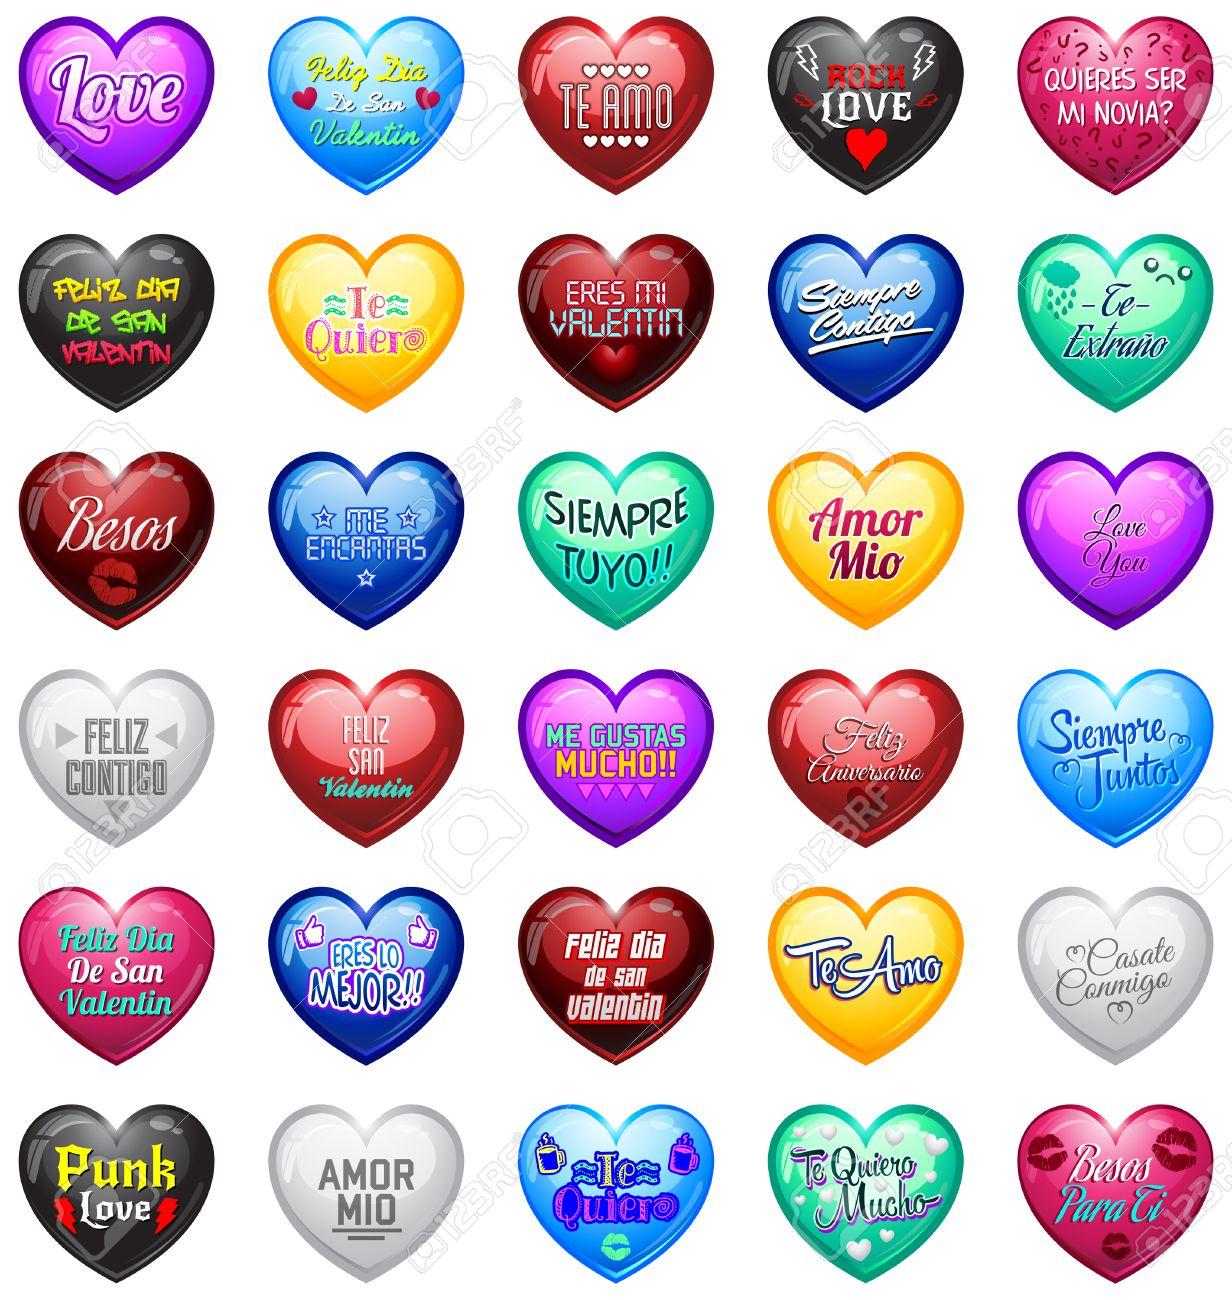 Love Hearts Avec Des Messages Espagnol étiquette De Coeur De Master Collection De Vecteur Avec Amour Valentines Anniversaire Relation Mariage Et